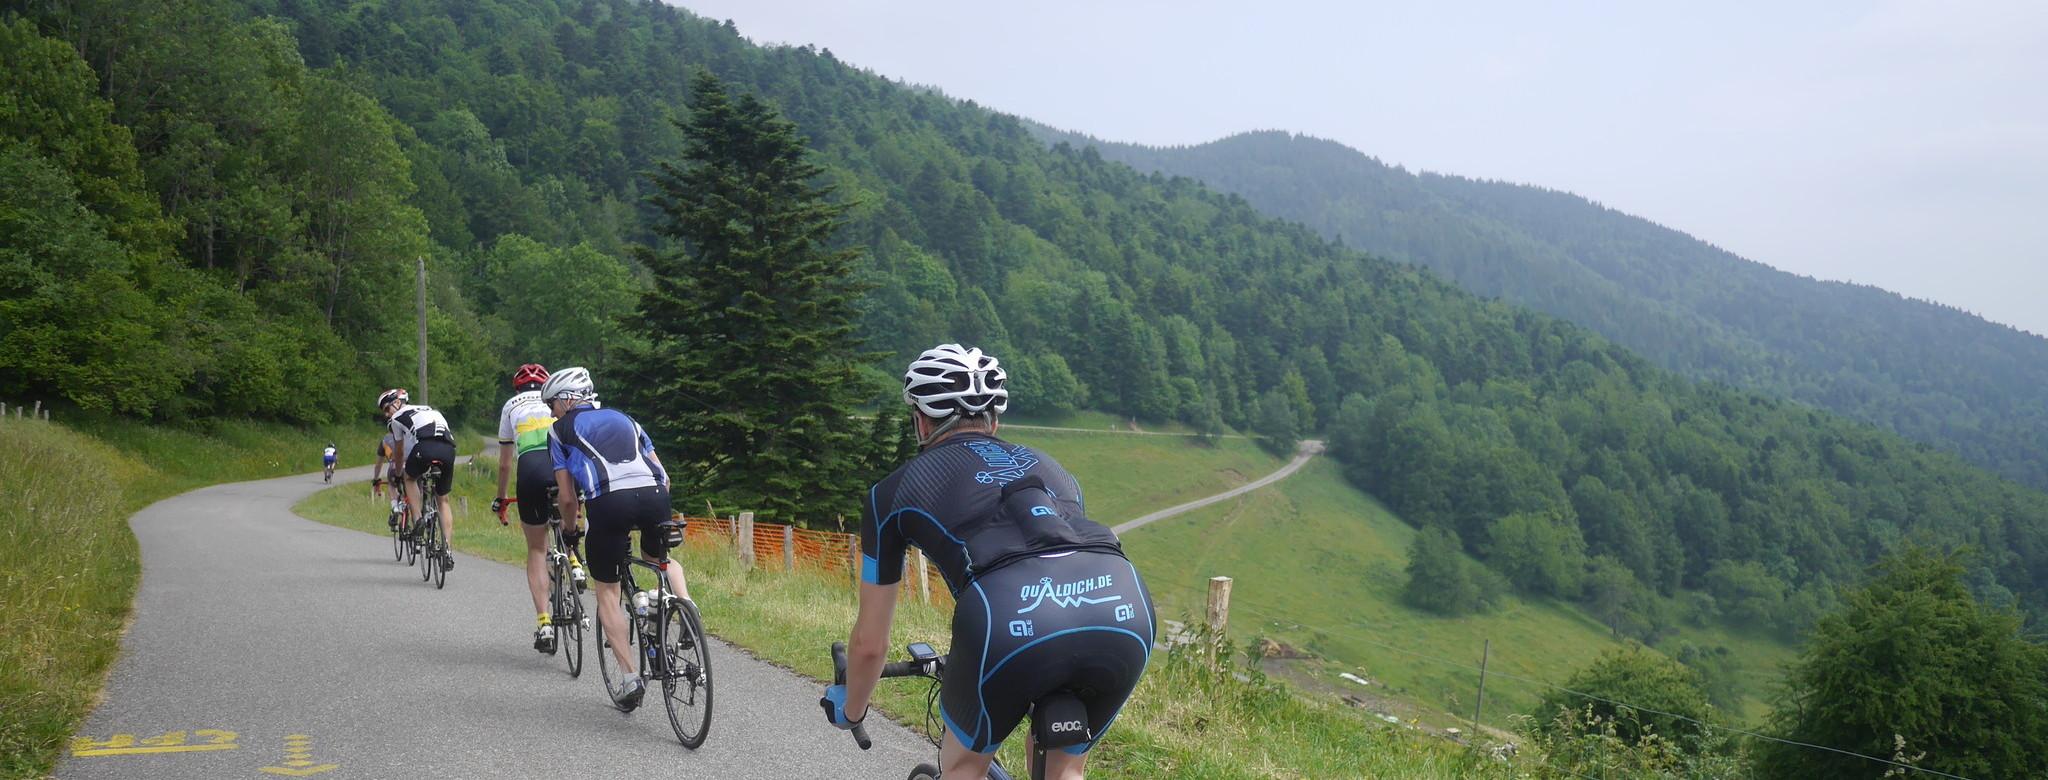 Tour-de-France-Flair